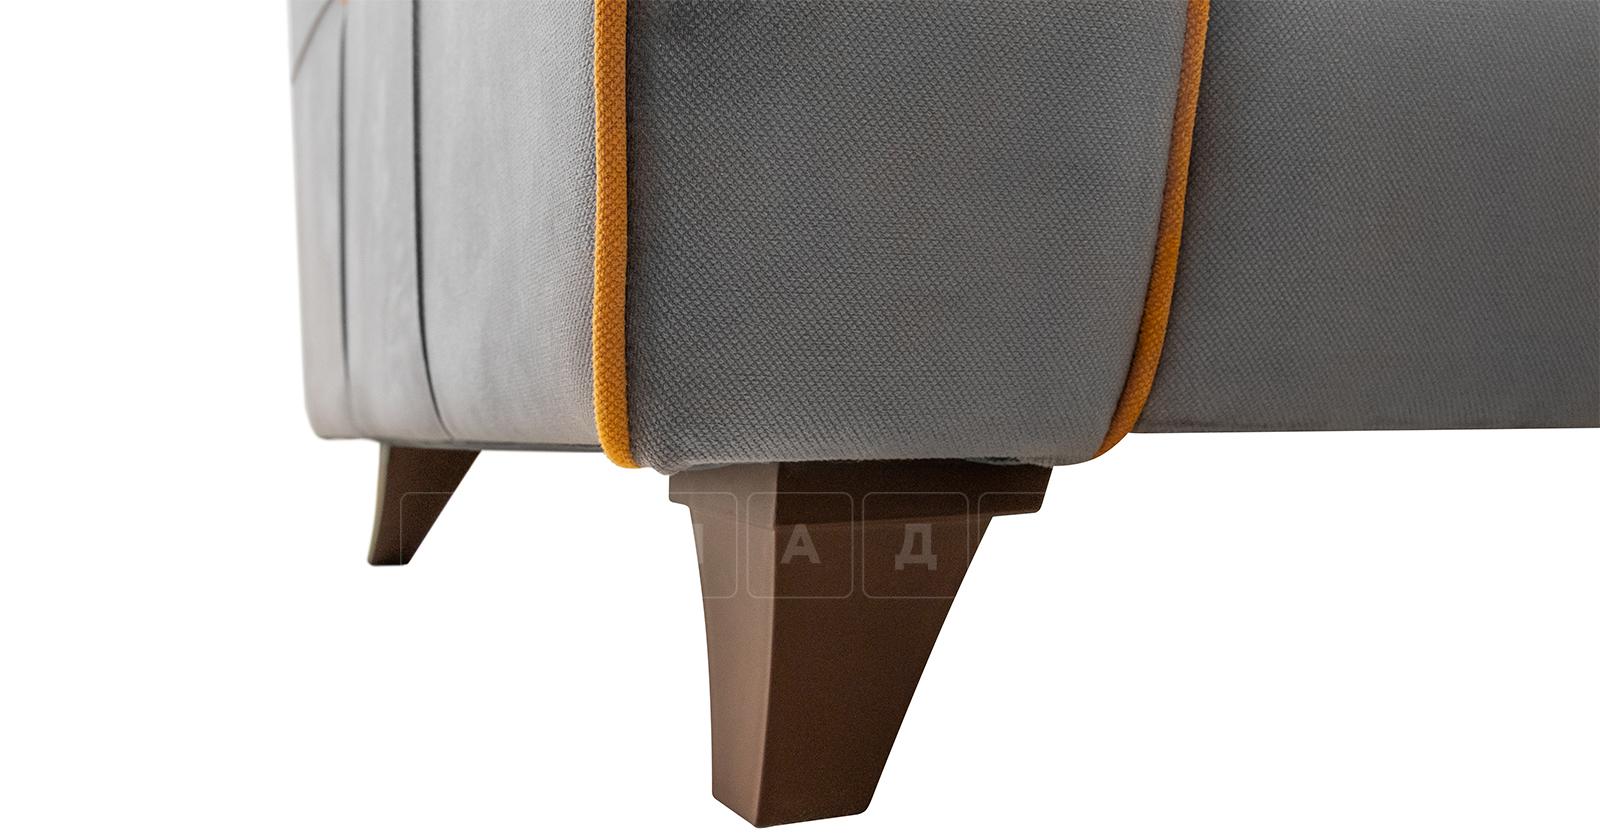 Диван-кровать Флэтфорд кварцевый серый фото 11 | интернет-магазин Складно